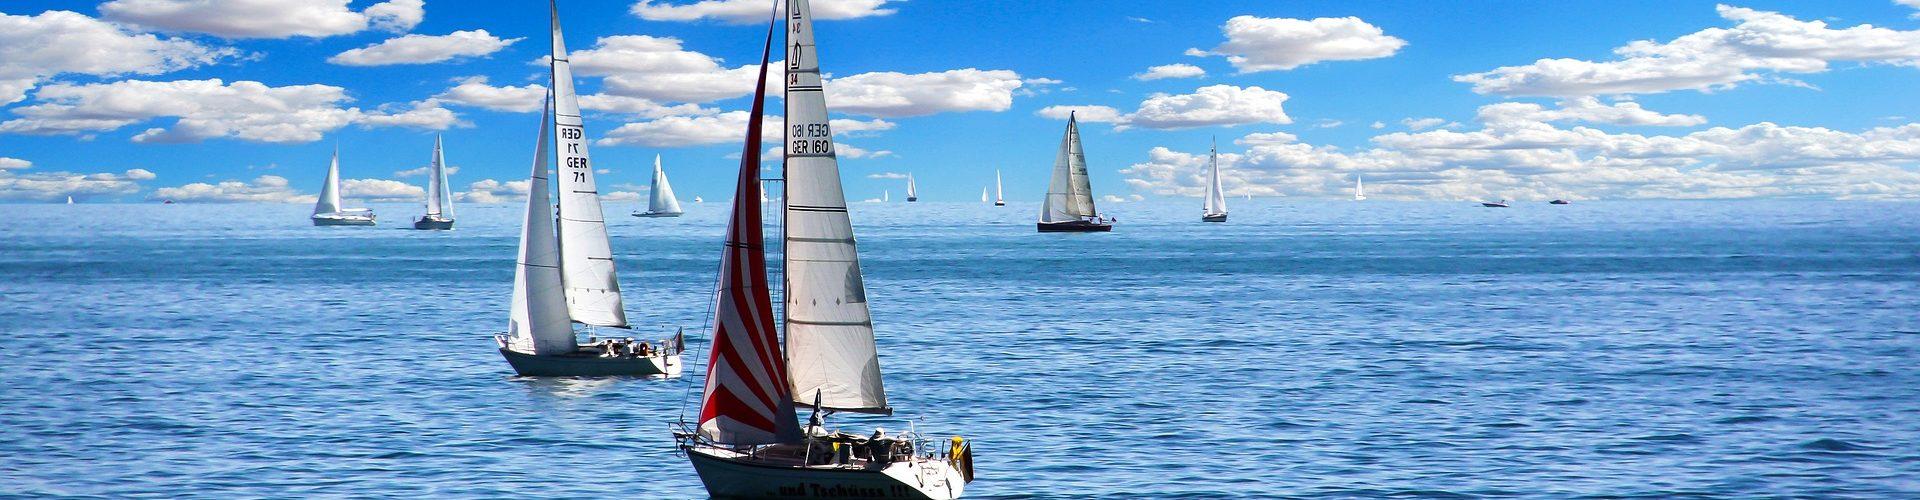 segeln lernen in Schwerte segelschein machen in Schwerte 1920x500 - Segeln lernen in Schwerte